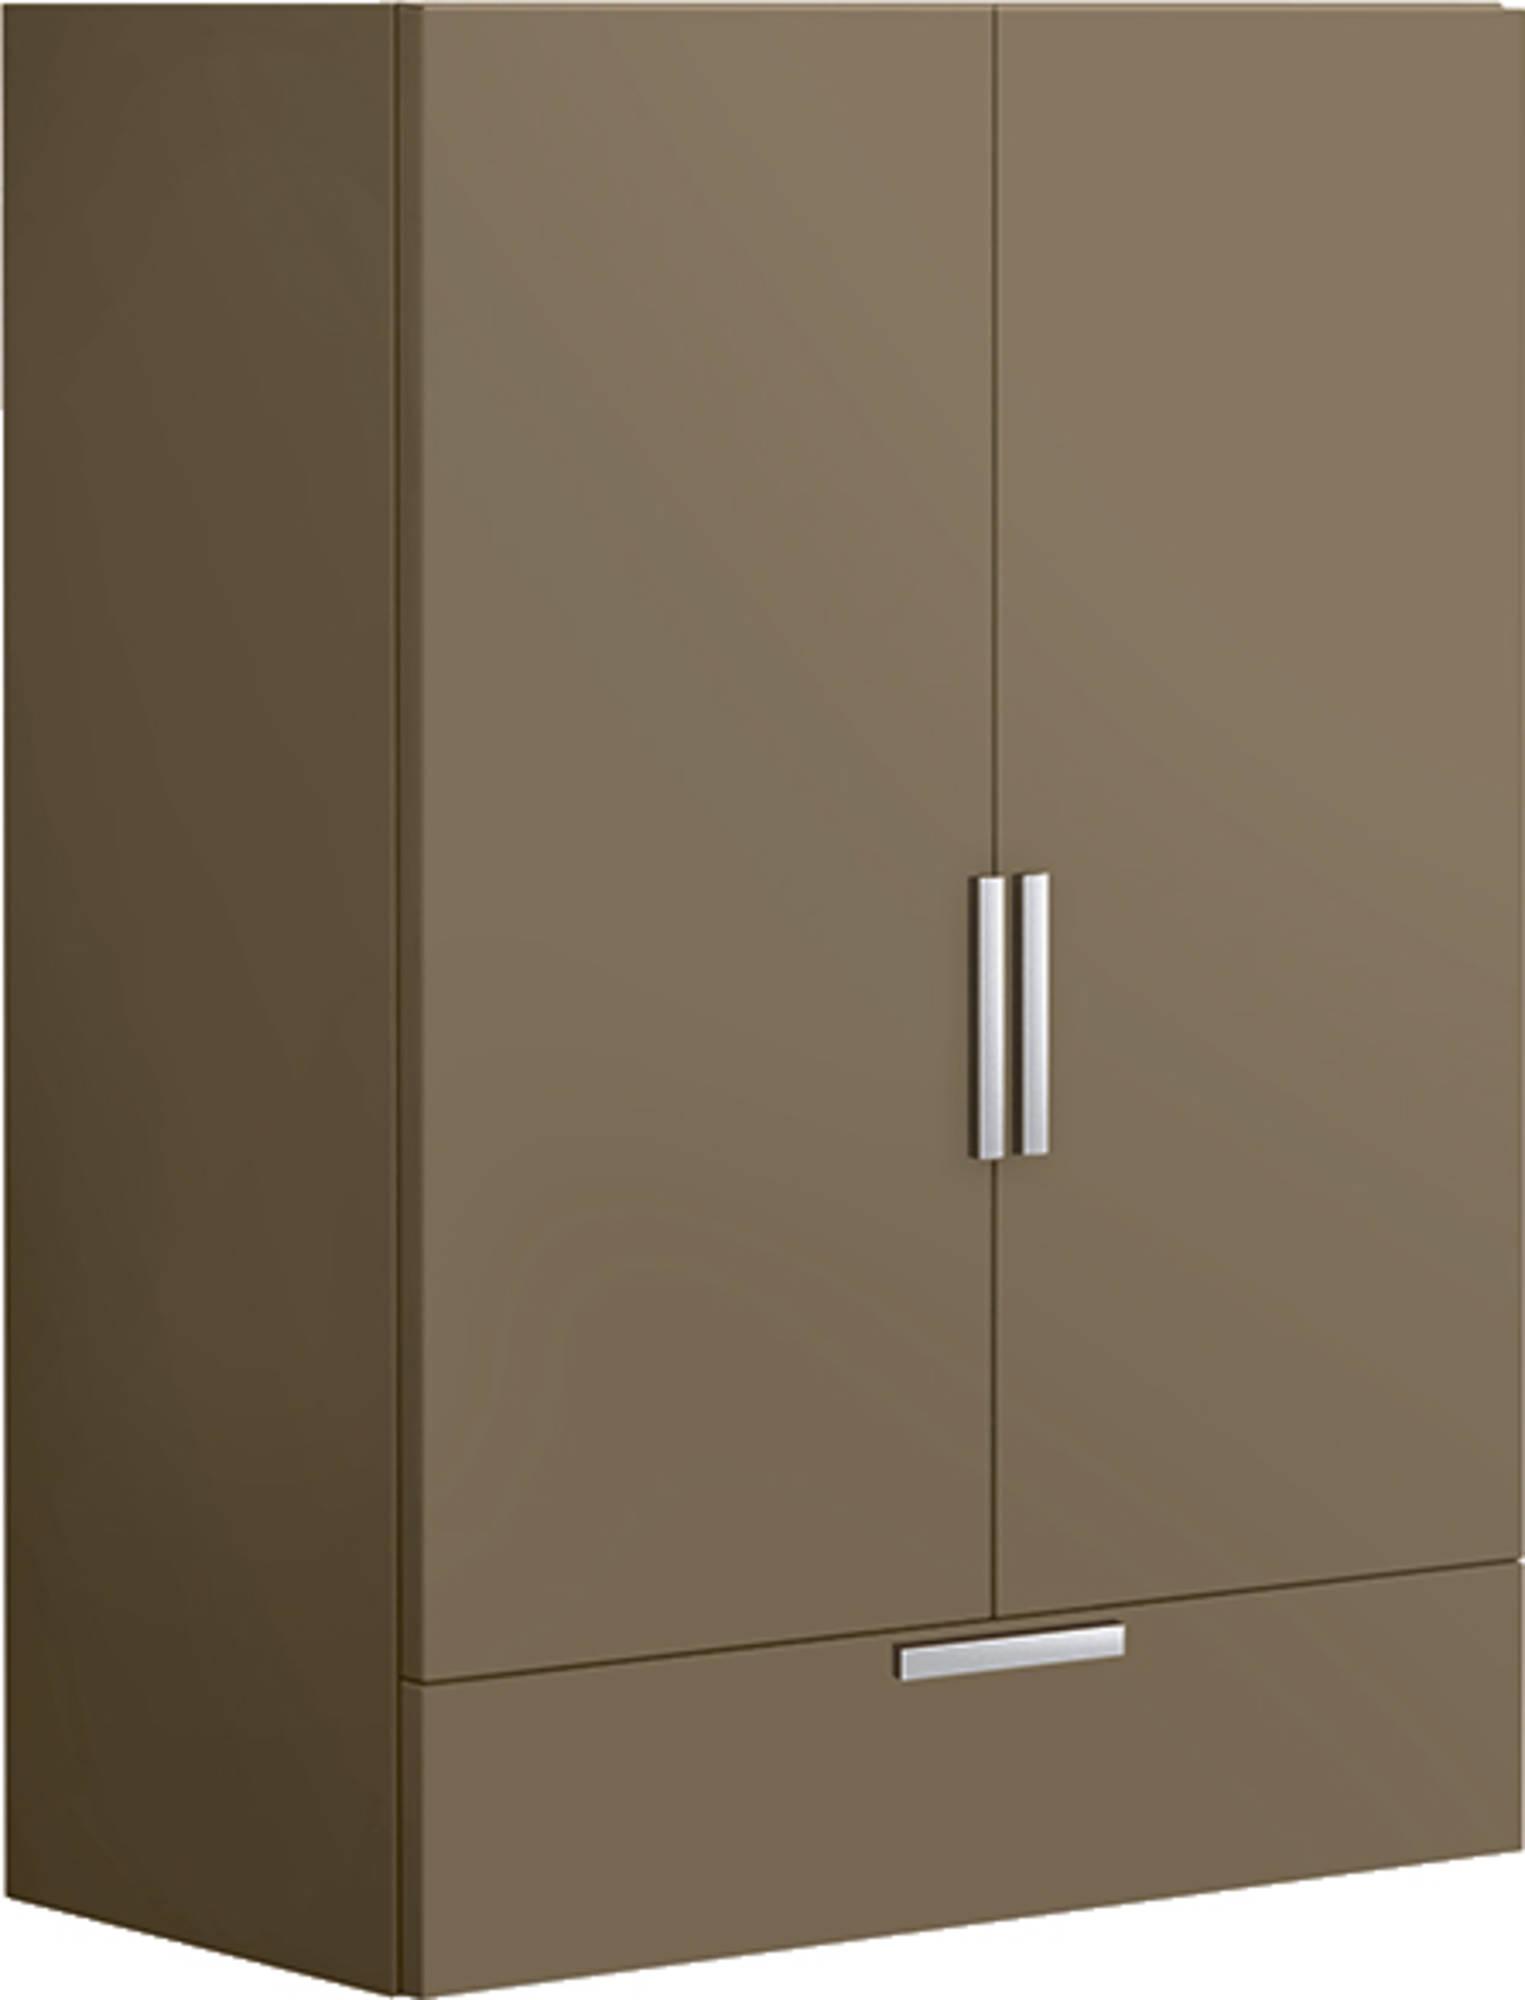 Villeroy & Boch Sentique wandkast m. 2 deuren en 1 lade 95.7x70x37cm terramat